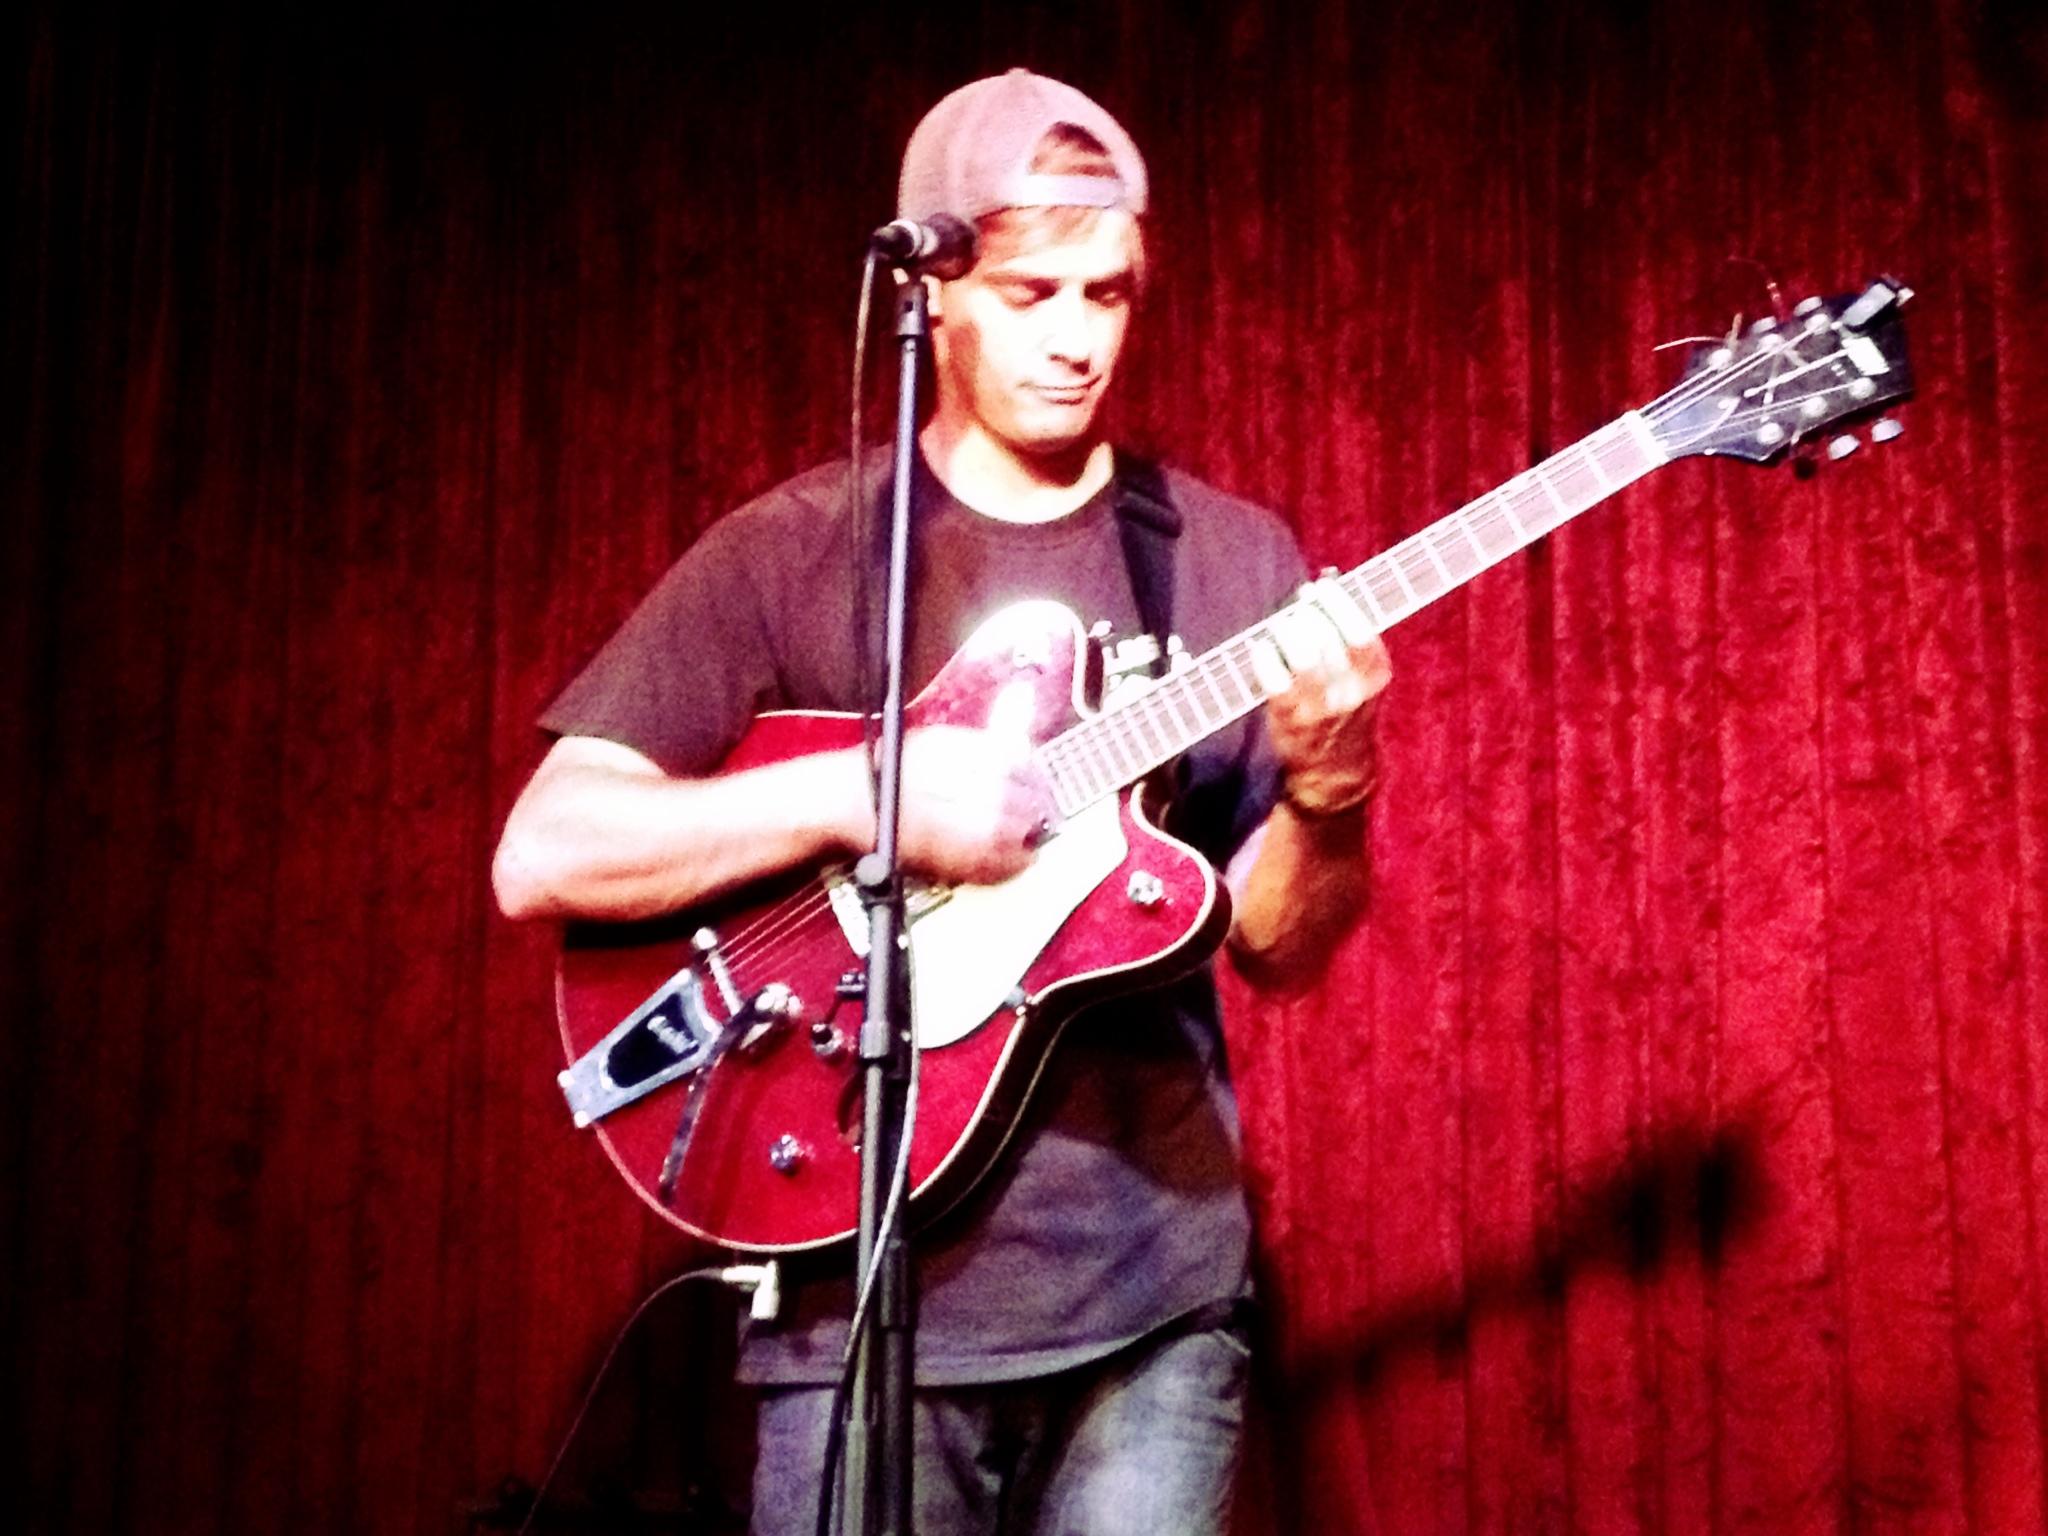 guitar_red drop.jpg